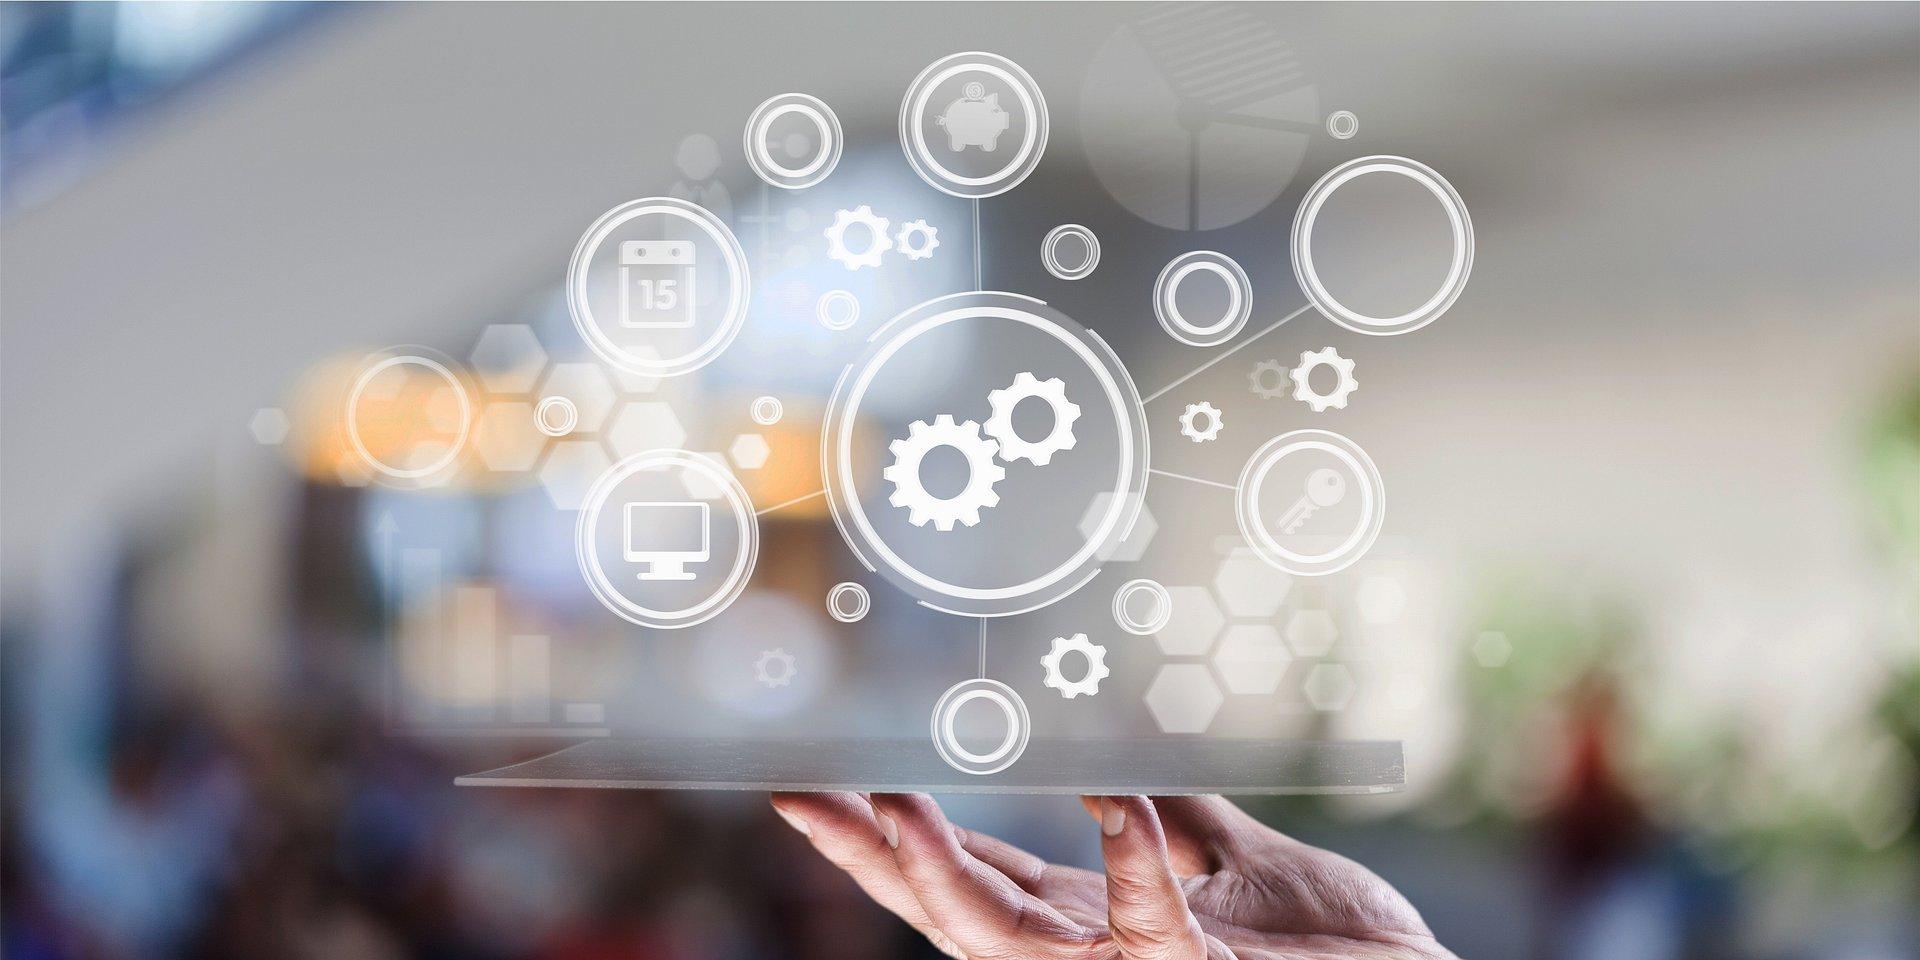 Analityka aplikacji mobilnych i 3 elementy, na które musisz zwrócić uwagę